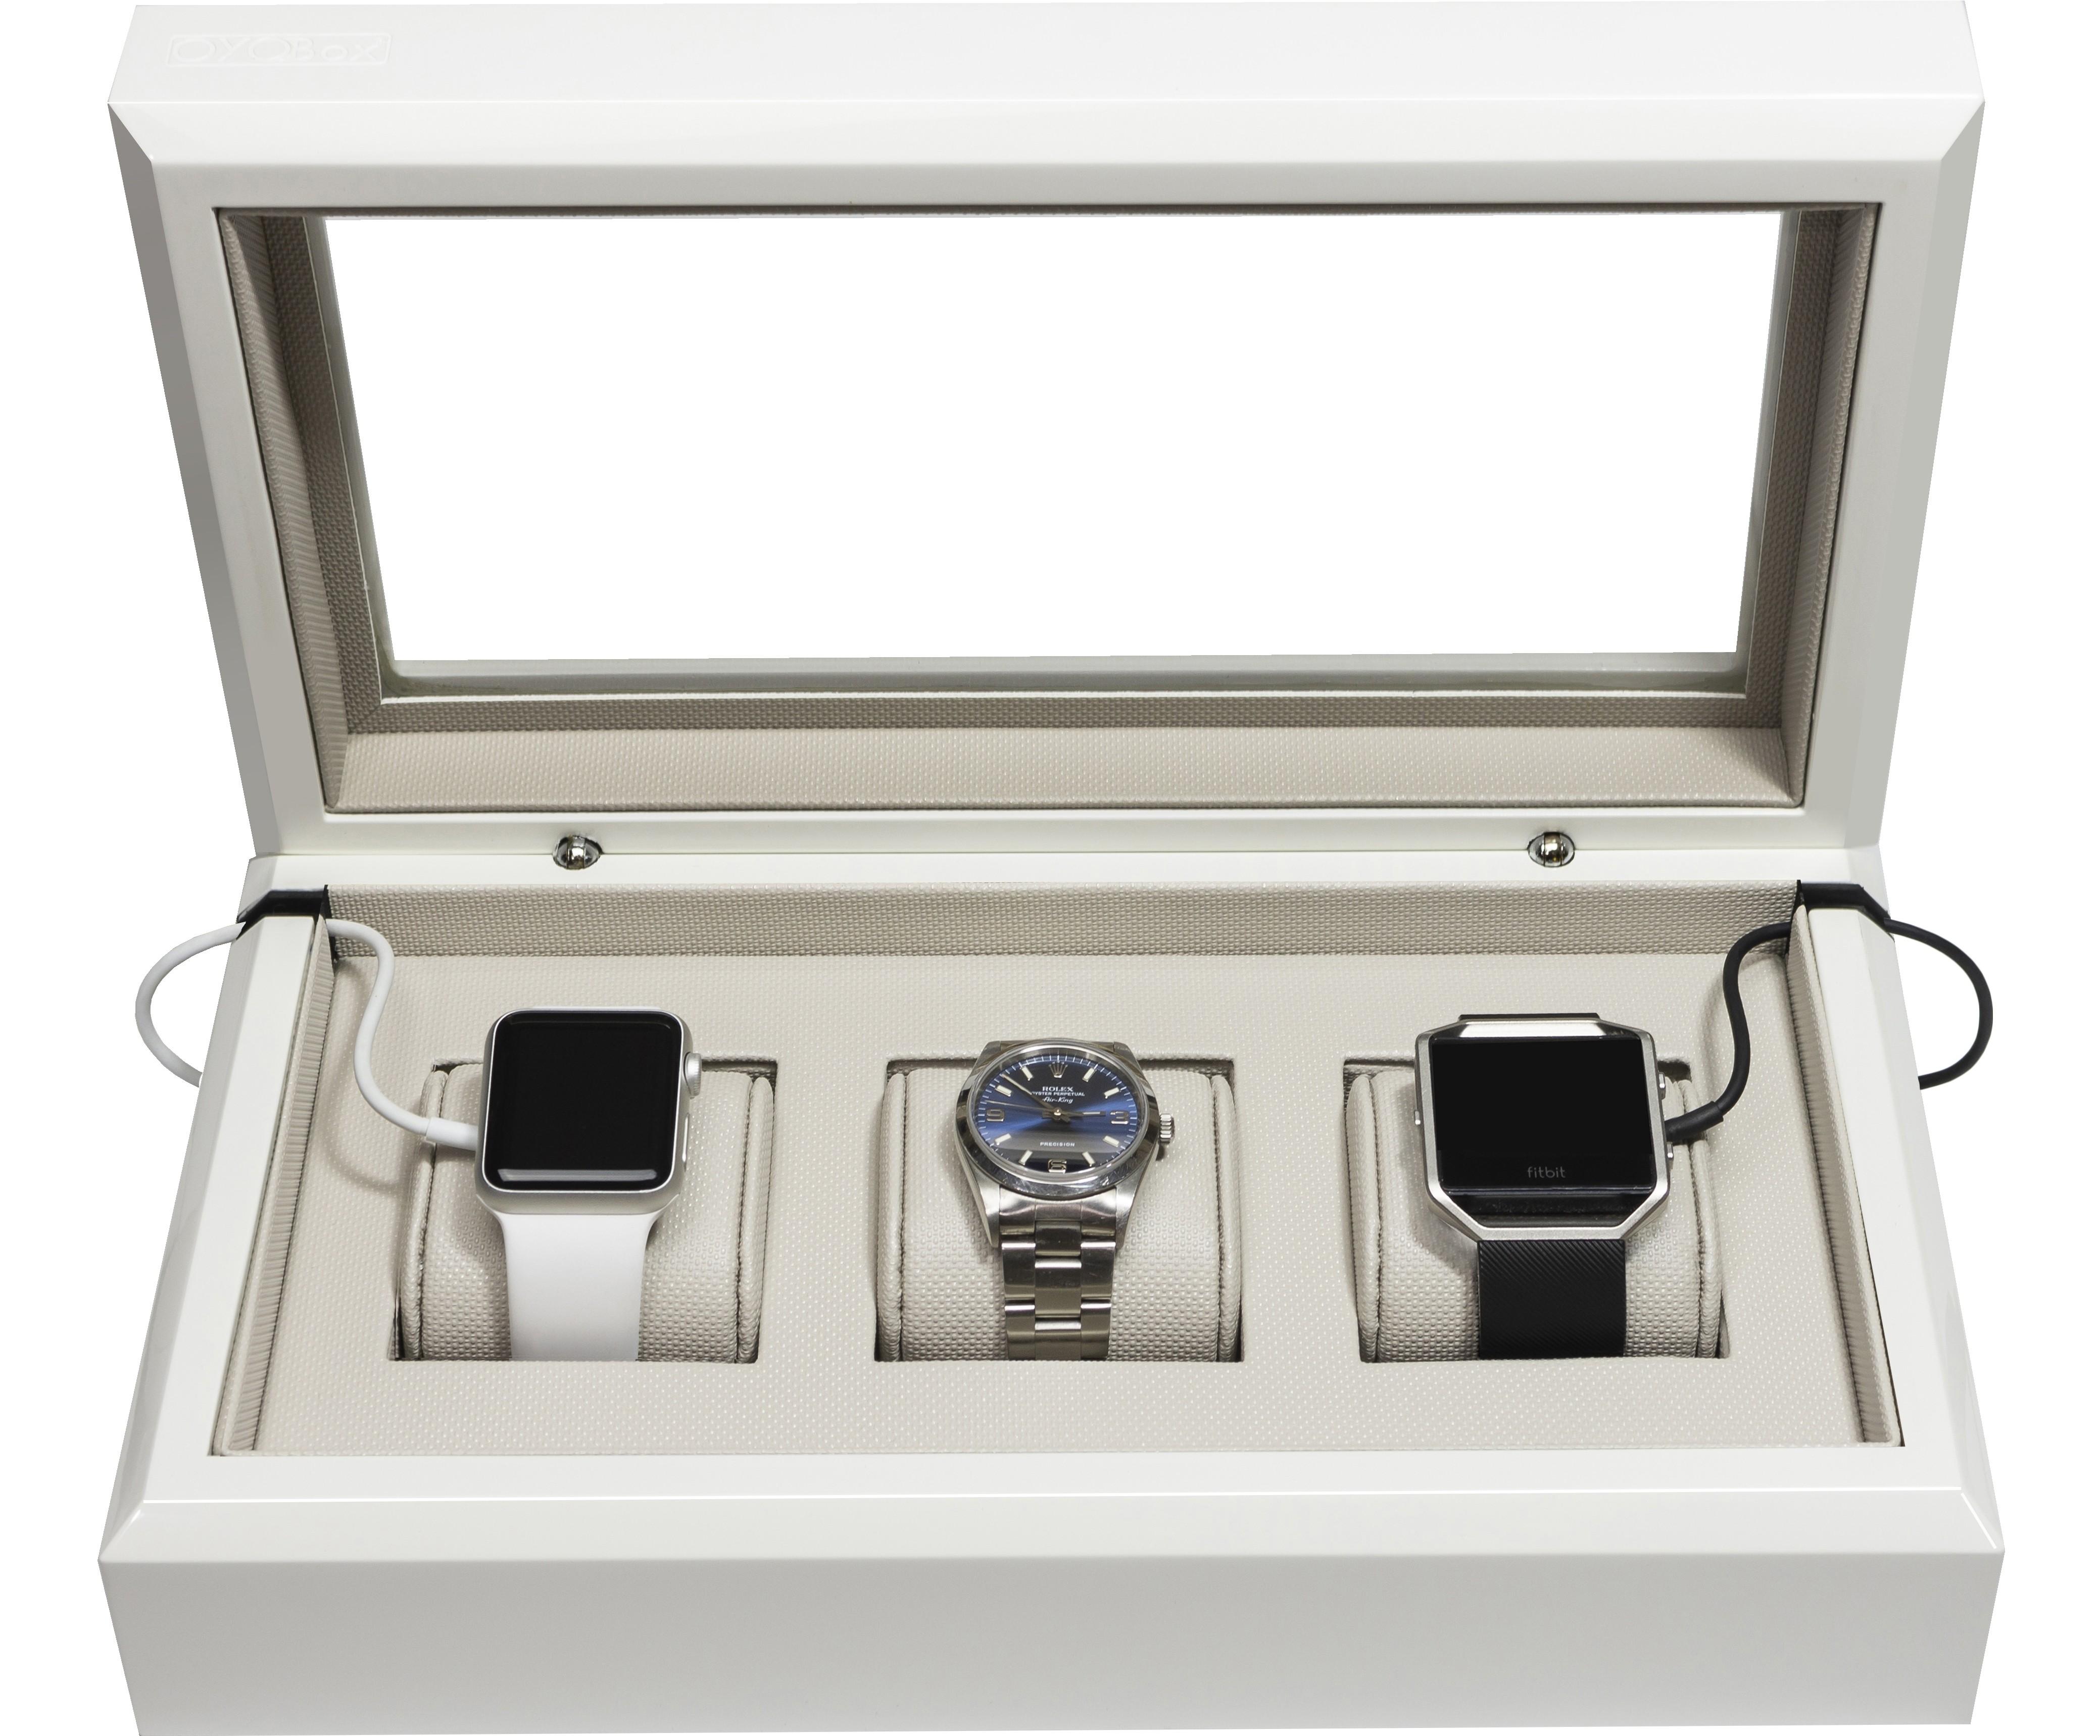 White Smart-Watch Box